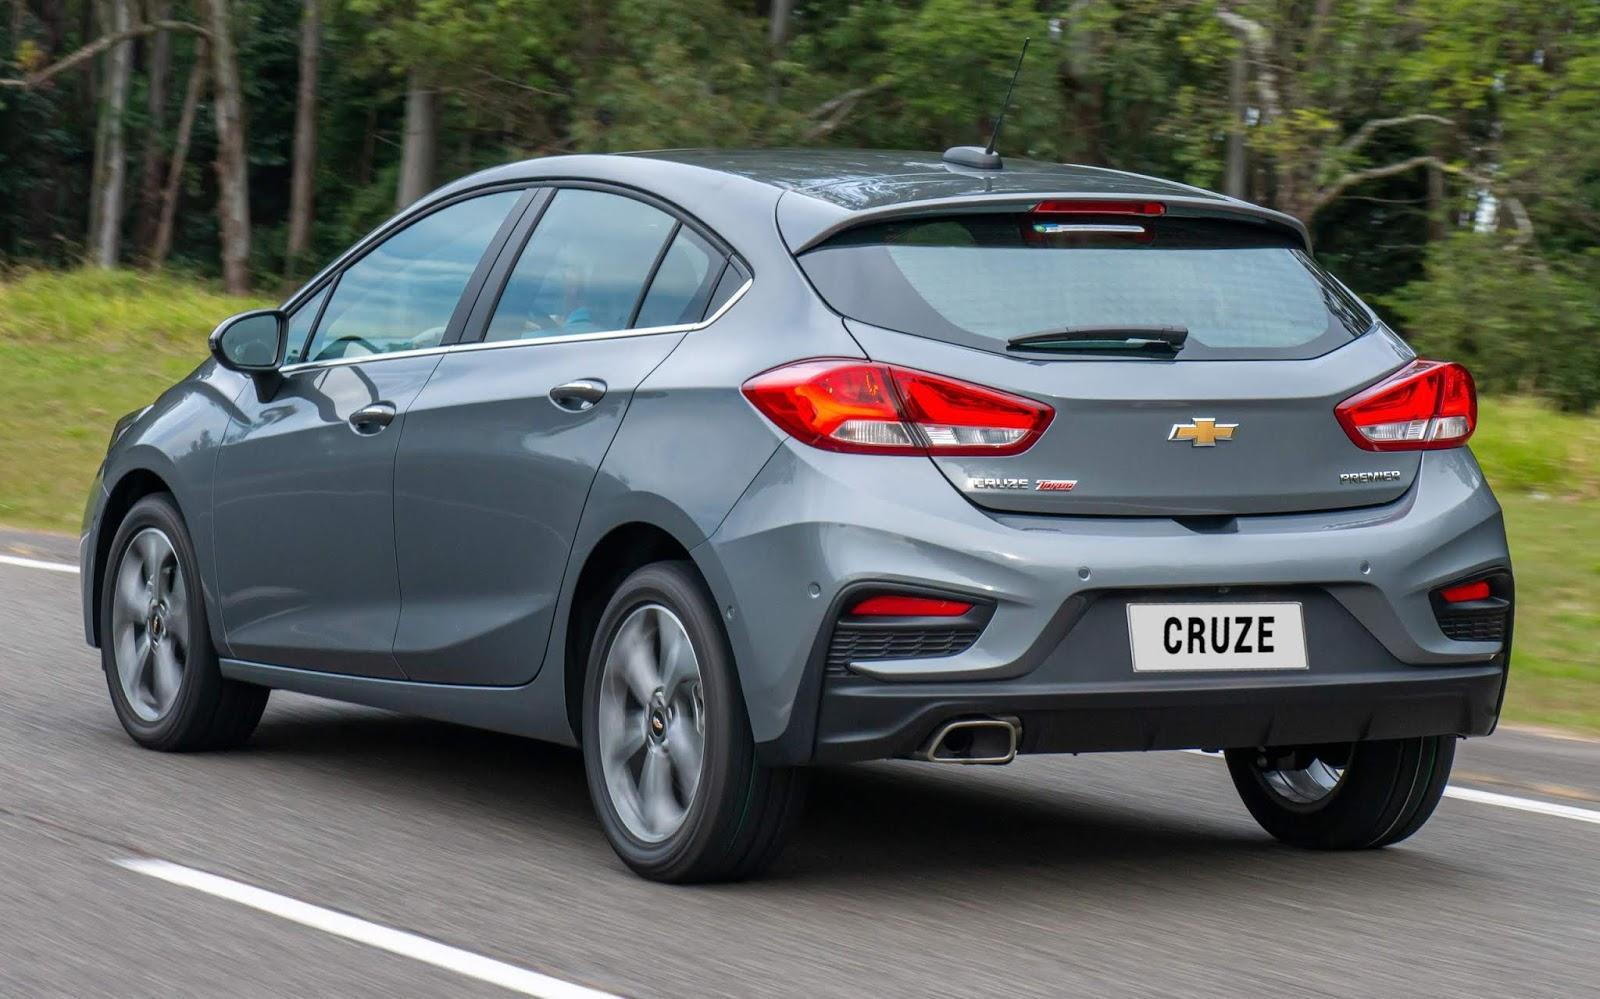 Novo Chevrolet Cruze Sport6 2020 Premier: fotos e detalhes ...